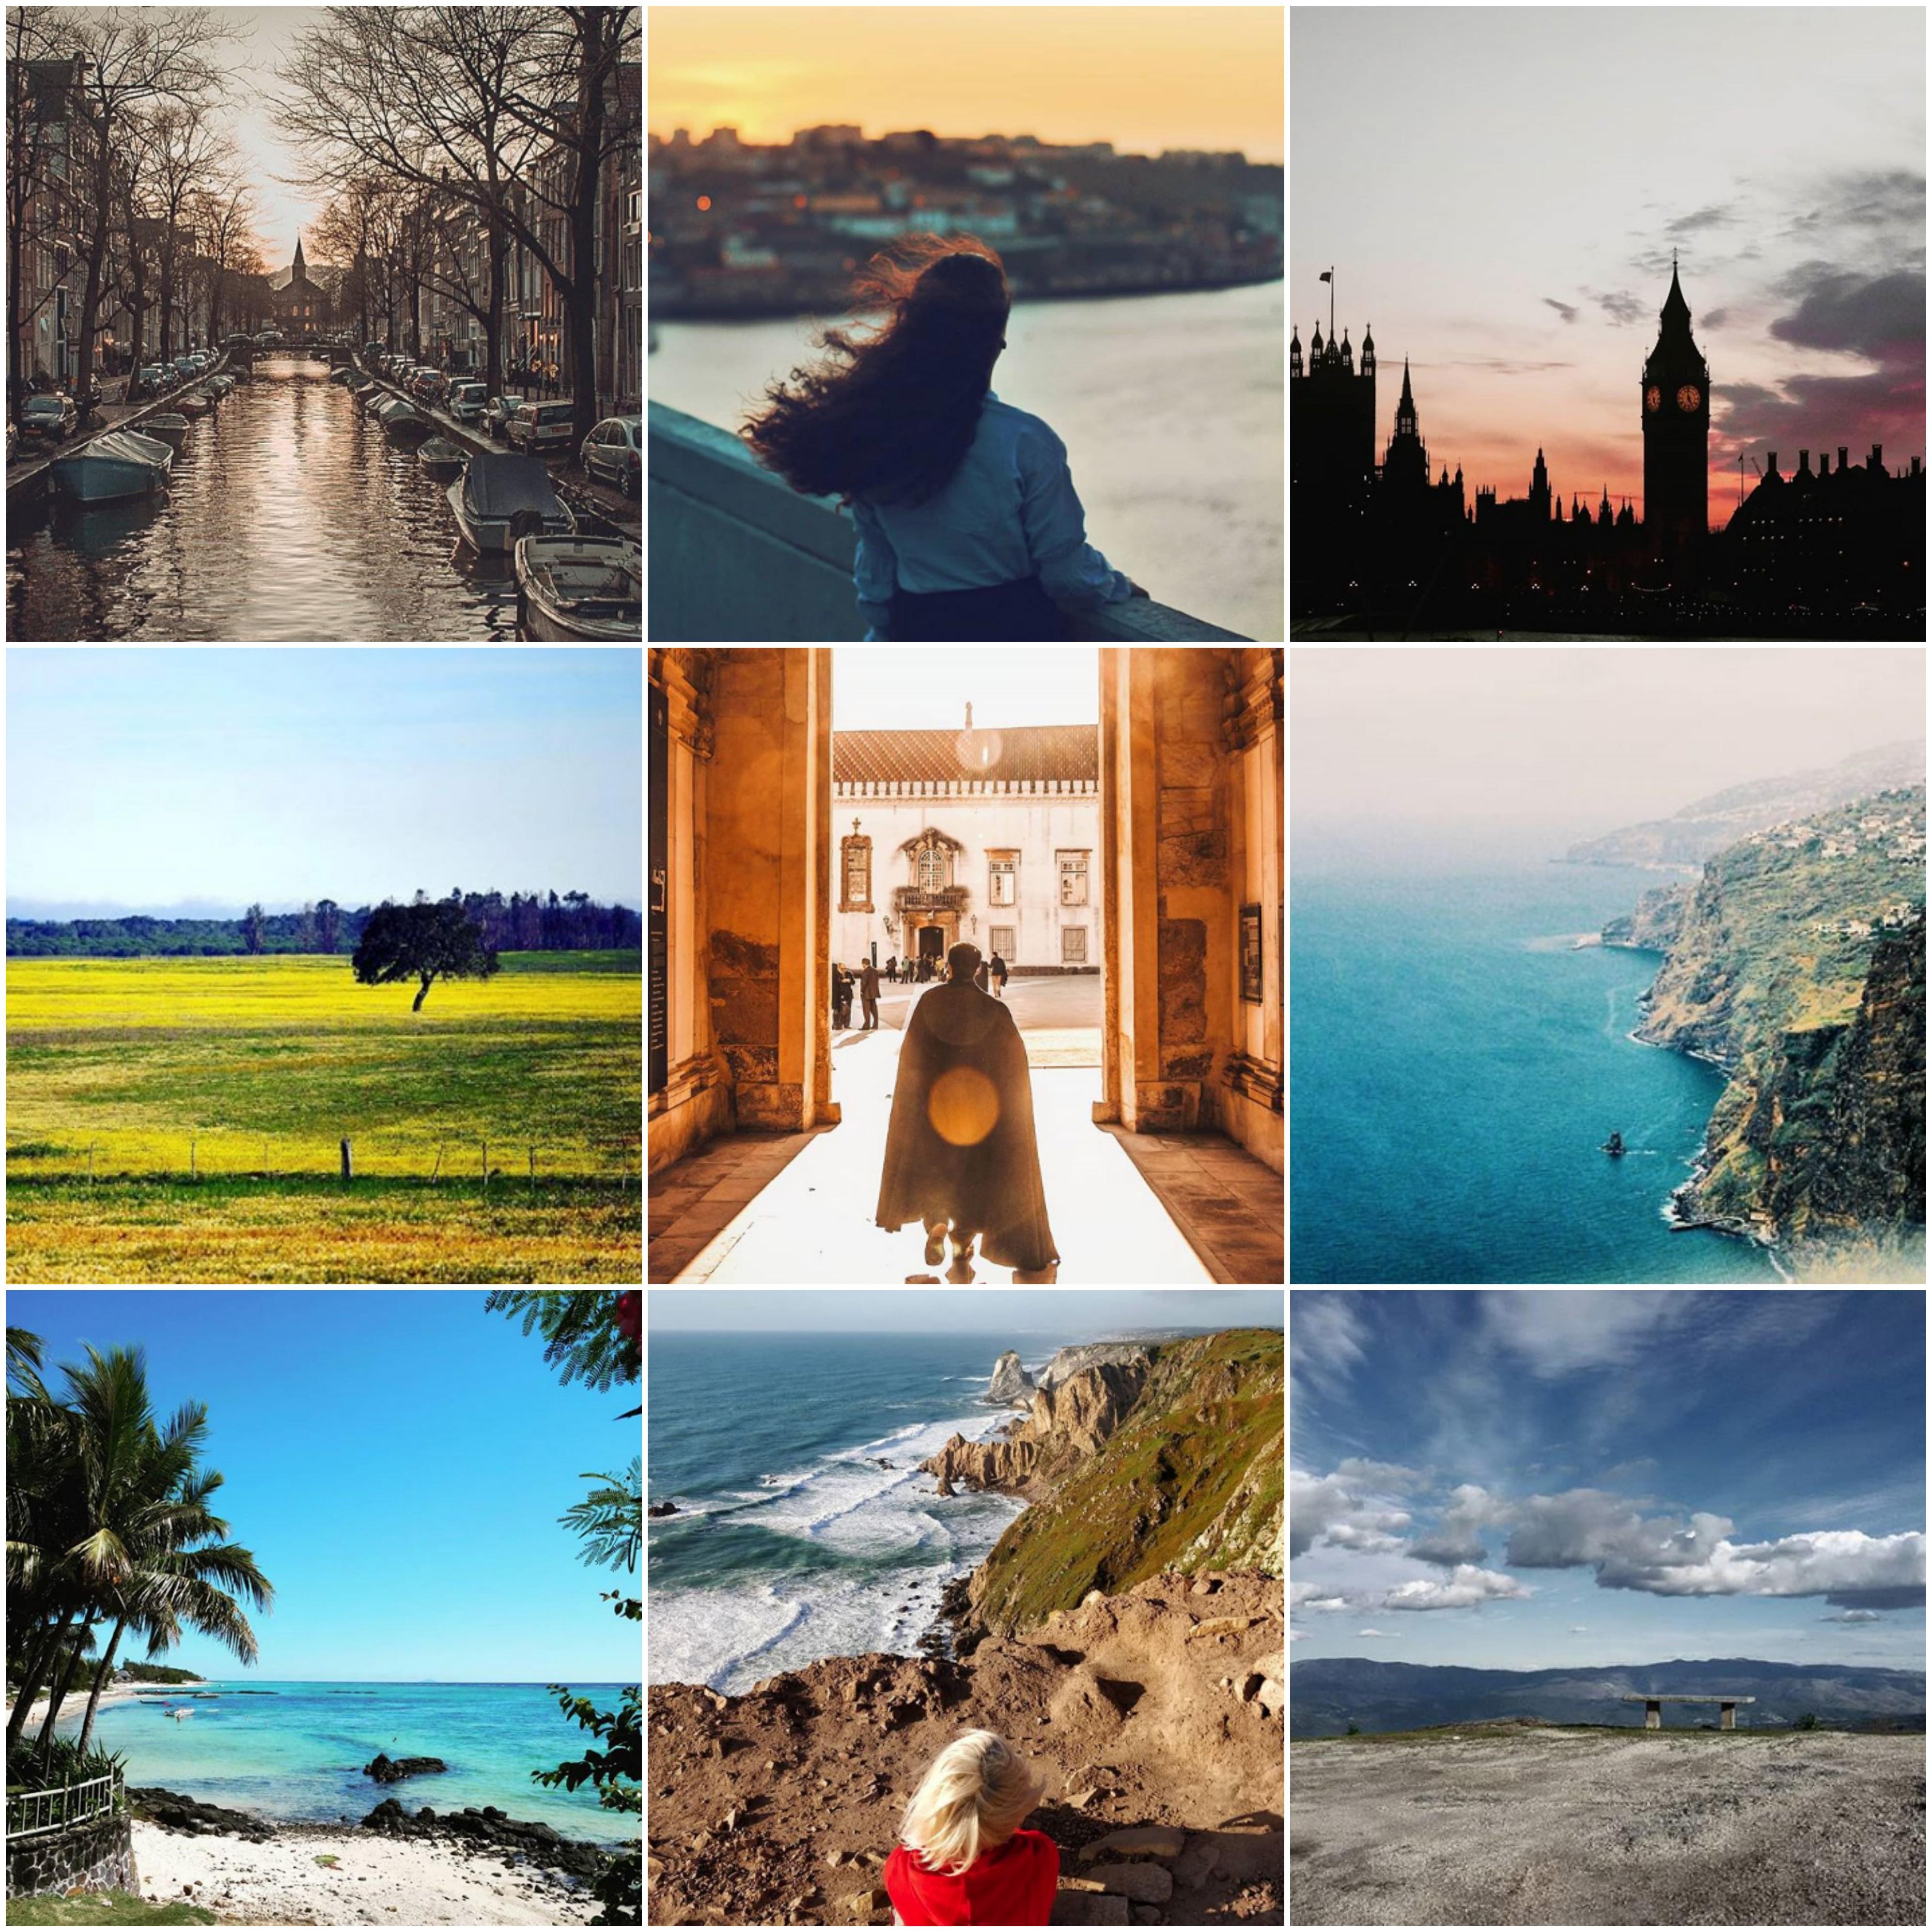 Viagens de Instagram: Cabelos ao vento em busca da próxima aventura